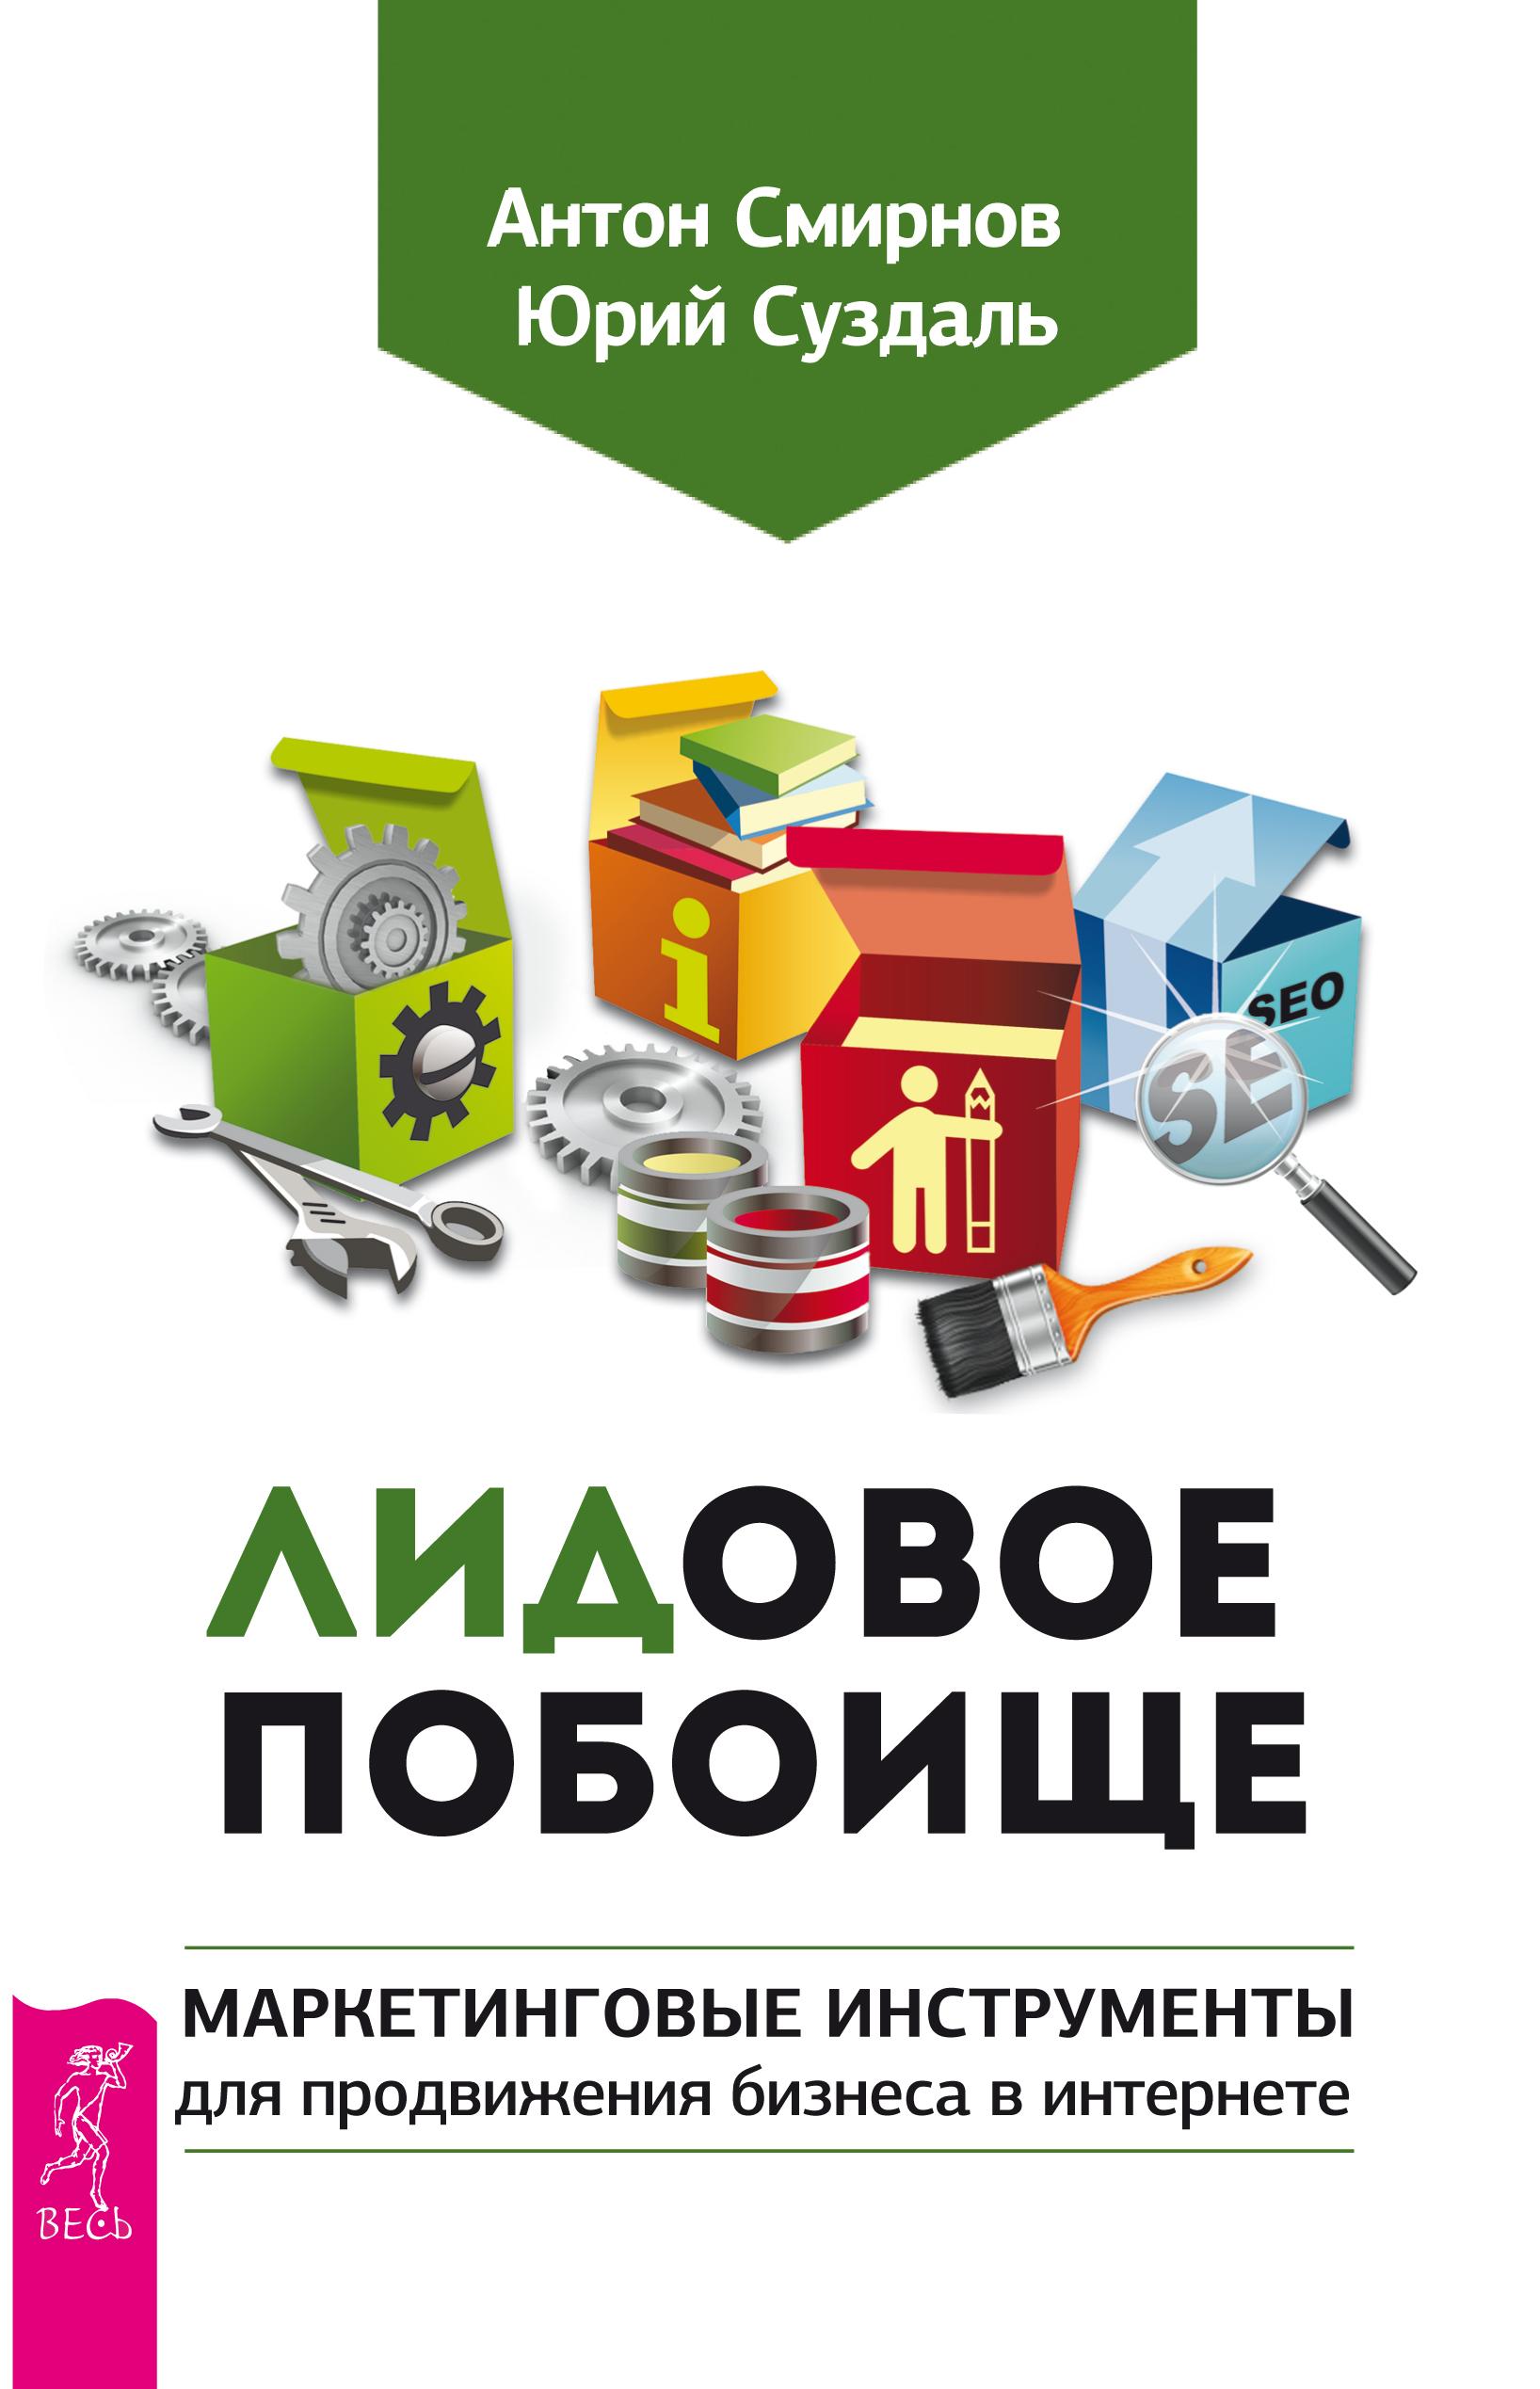 Обложка книги ЛИДовое побоище. Маркетинговые инструменты для продвижения бизнеса в интернете